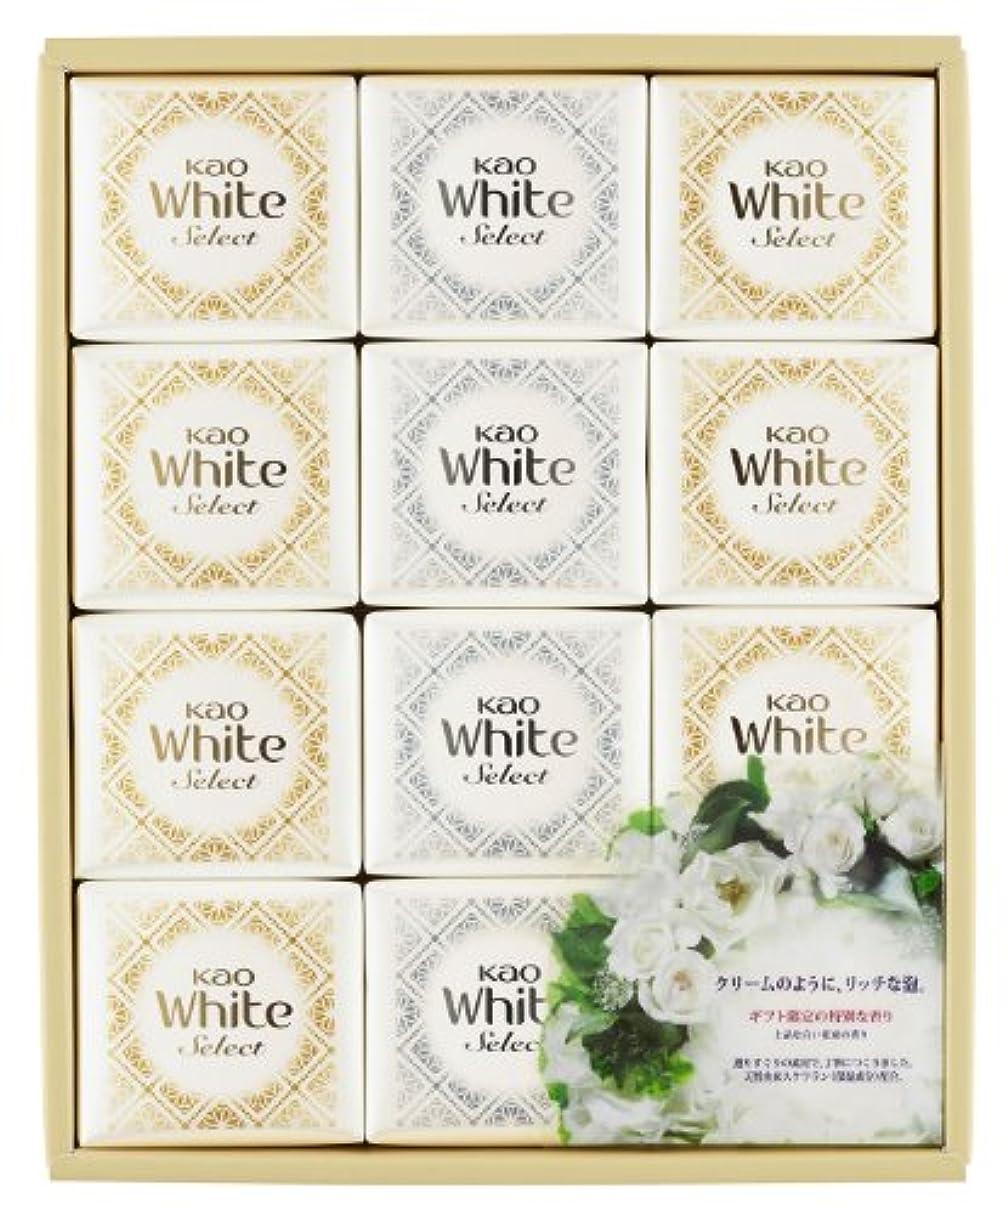 歴史的秋ブランド花王ホワイト セレクト 上品な白い花束の香り 85g 12コ K?WS-20